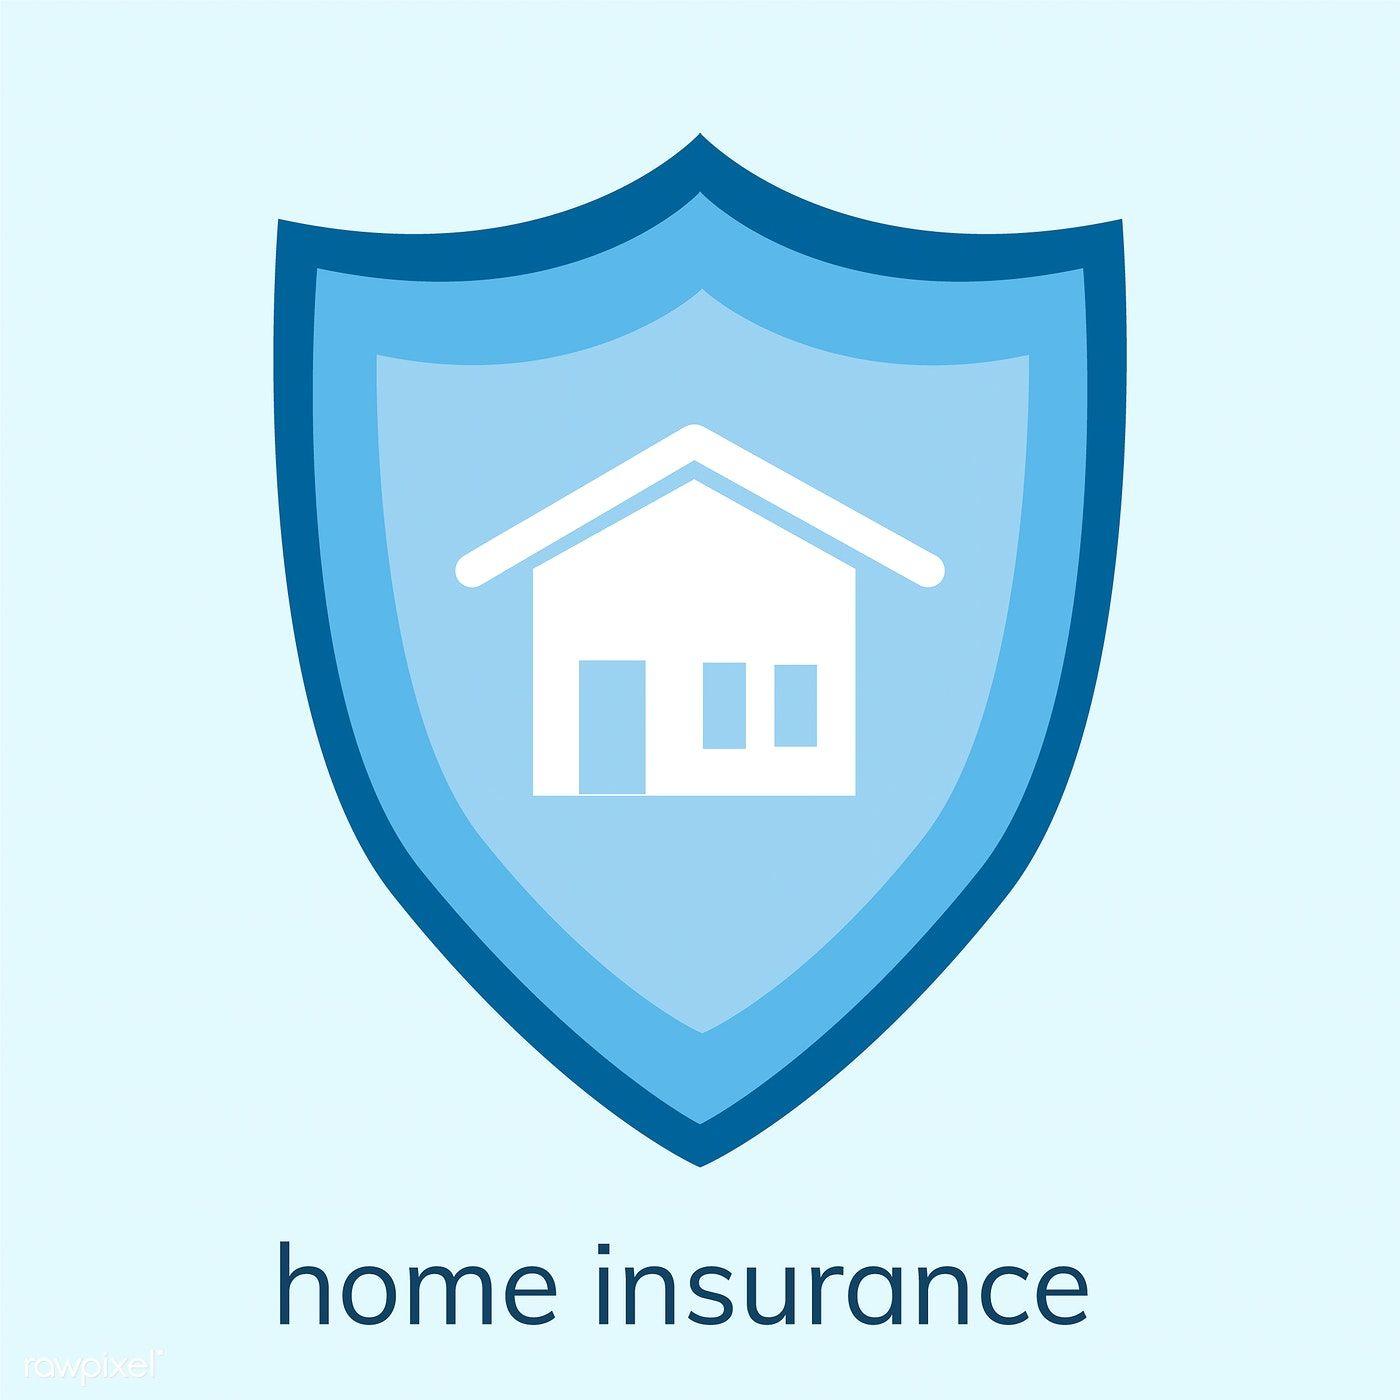 See the source image, asuransi rumah